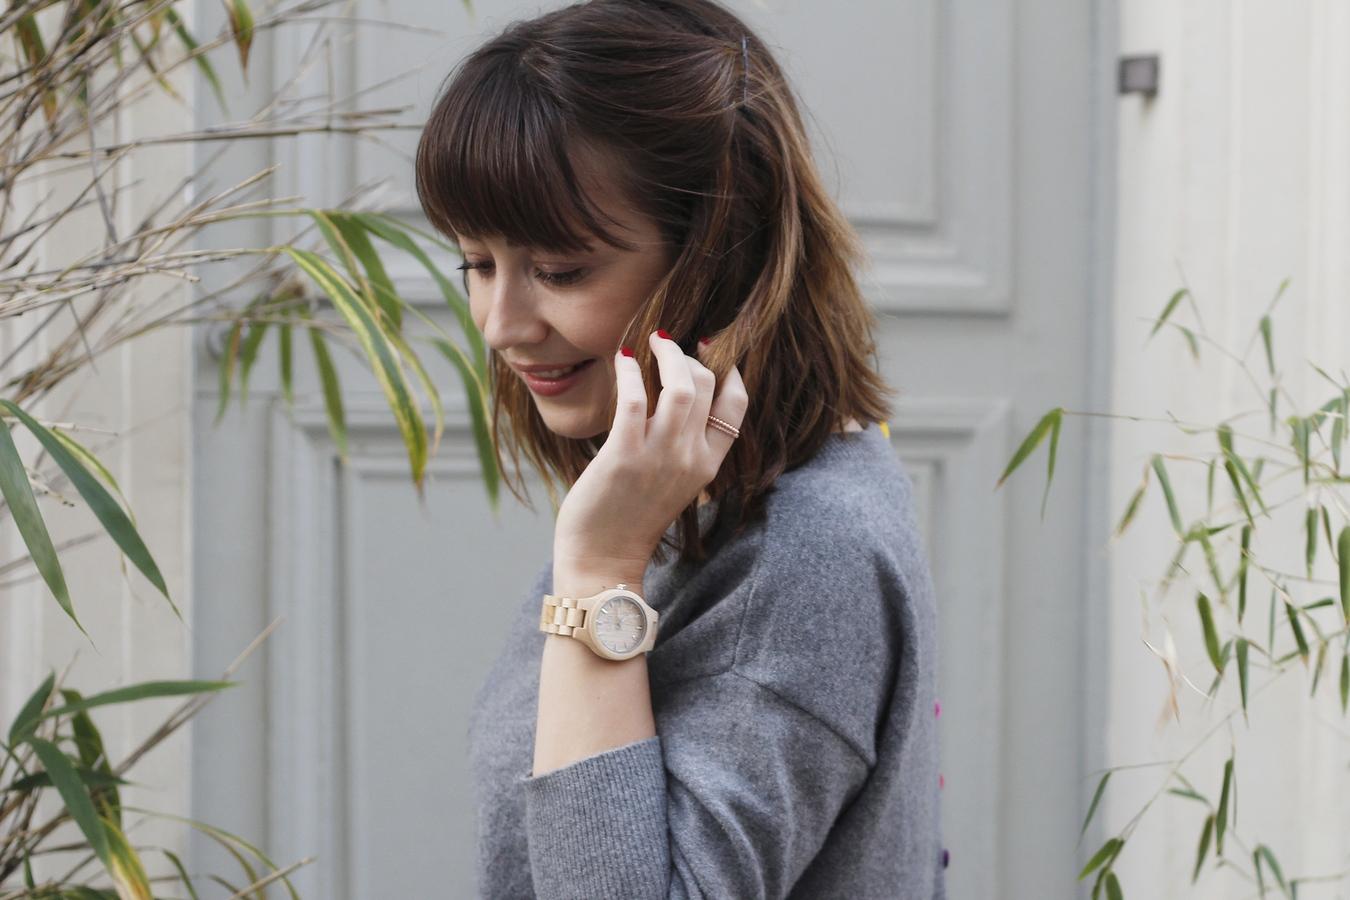 Blog mode femme Paris - Du style, Madame - streetstyle - estheme cachemire - rue crémieux - jord watch